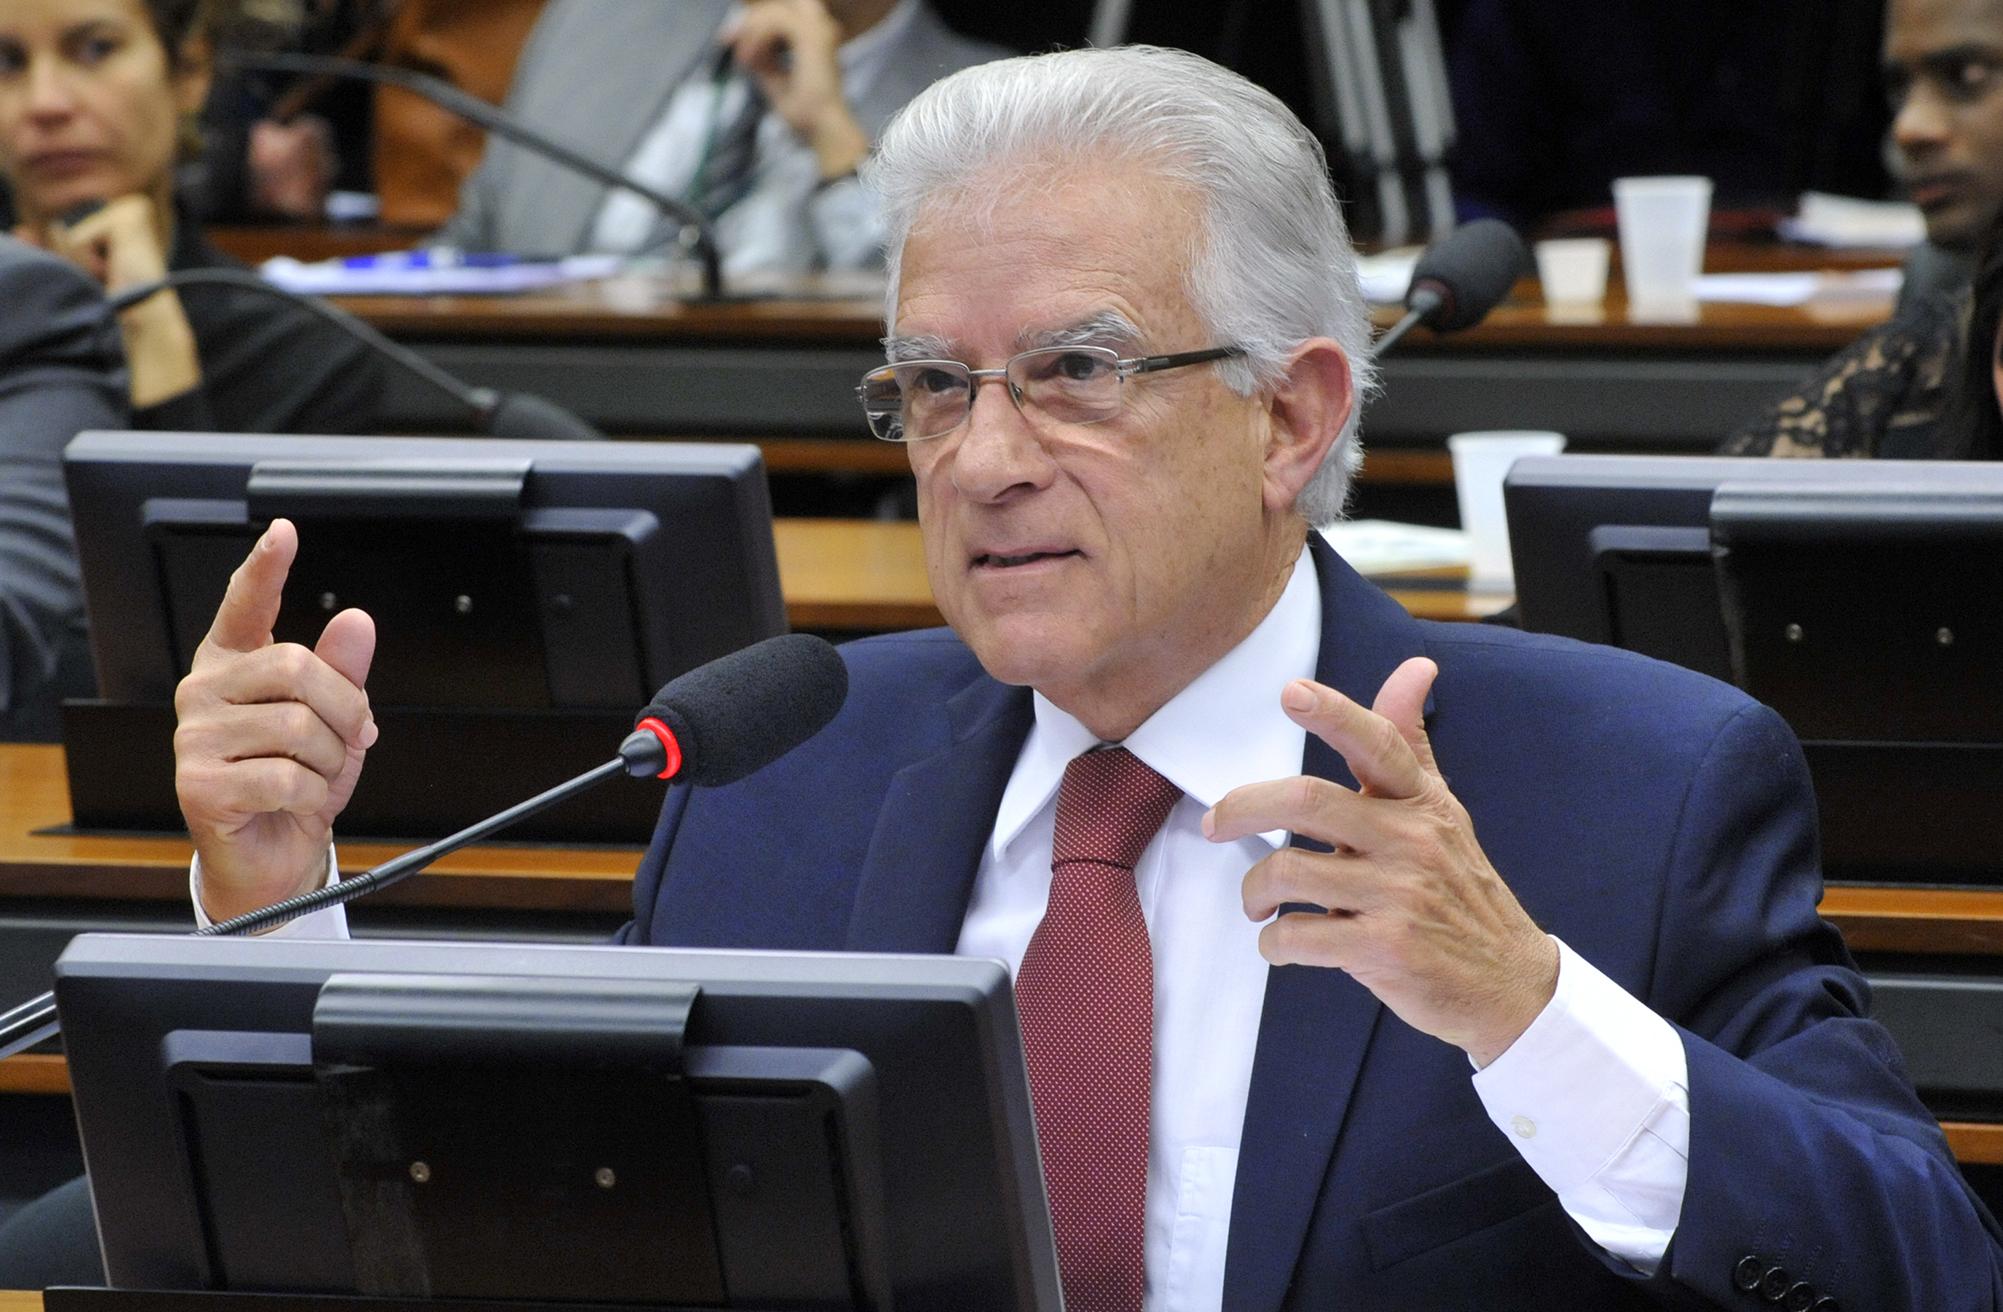 Audiência pública da comissão que discute o PL 4850/16, que estabelece Medidas contra a Corrupção. Dep. Rubens Bueno (PPS-PR)